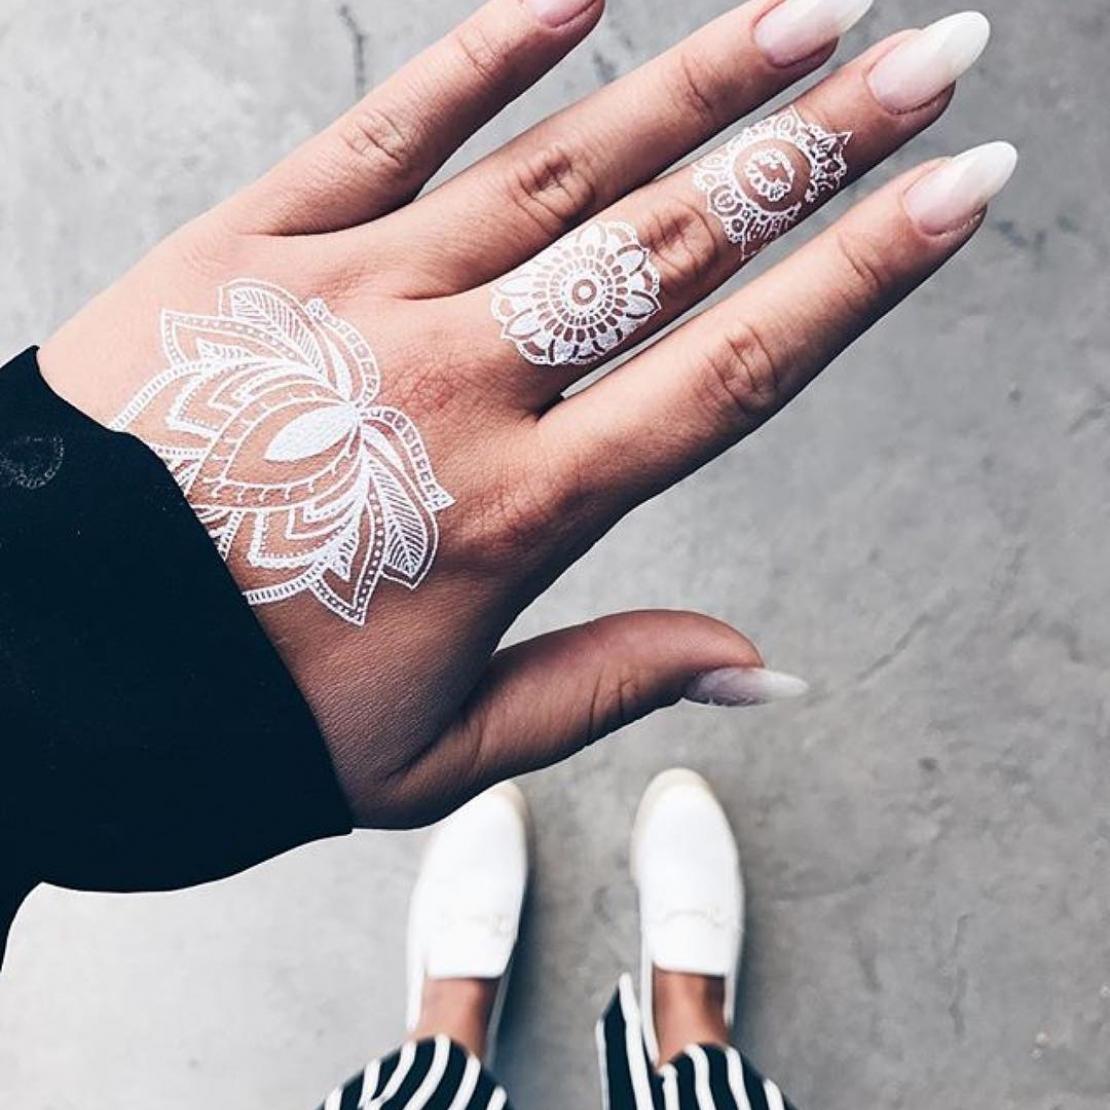 Тату наклейка мандалы 3шт белые на пальцах